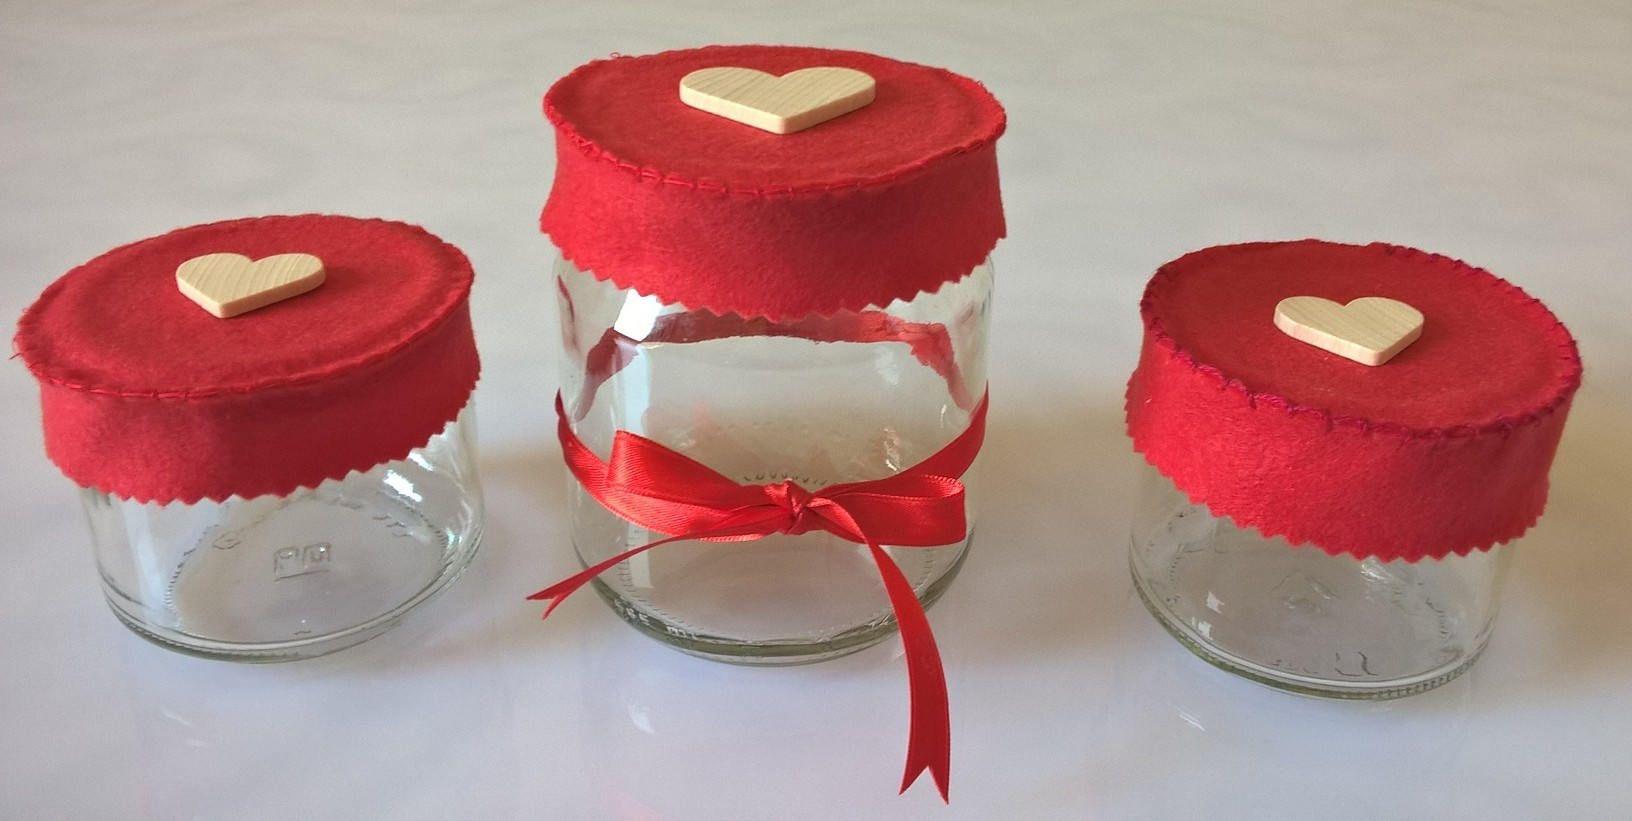 Vasetti barattoli per spezie decorati in vetro da cucina di Manoico ...